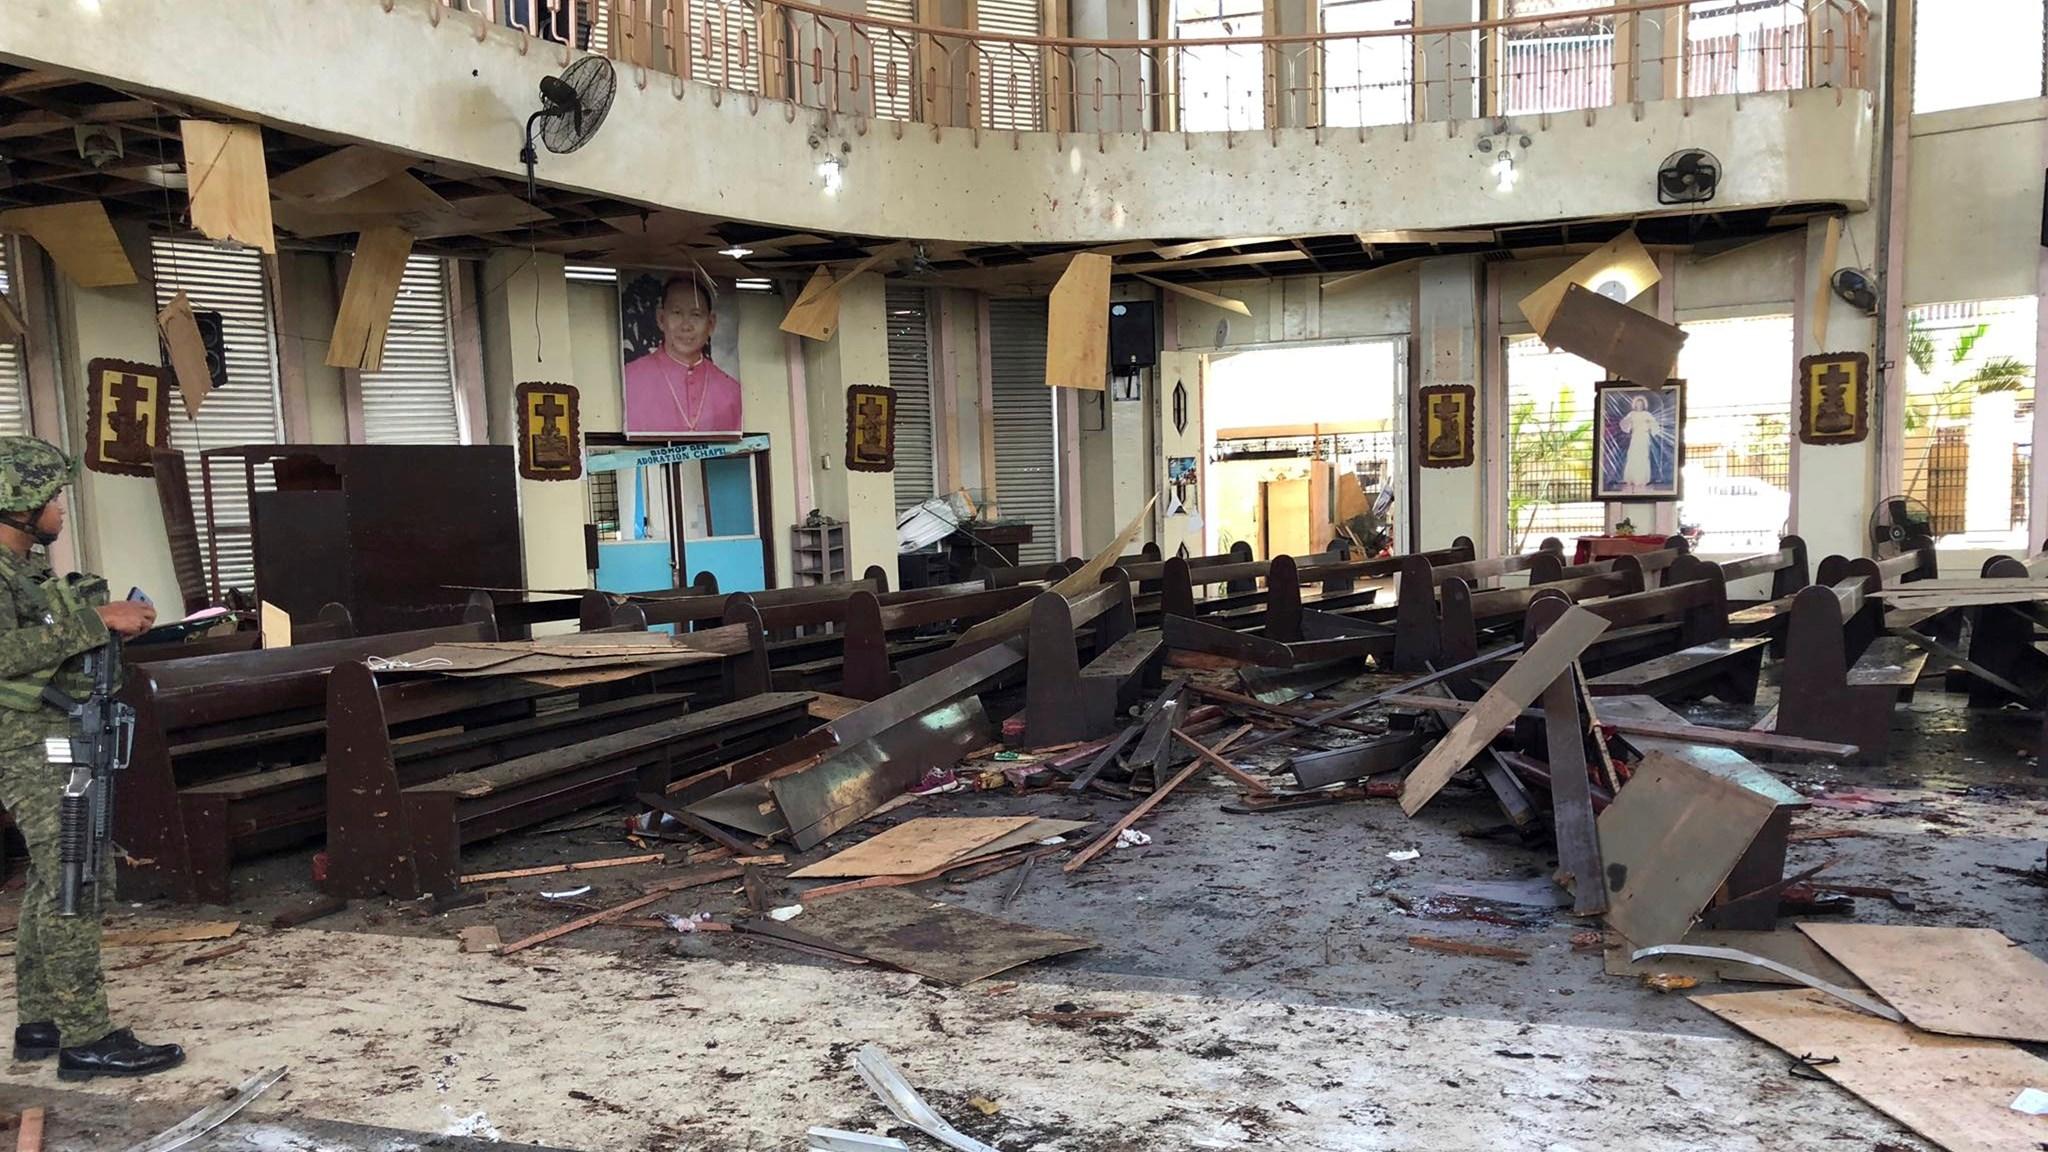 Взрыв во время Мессы: в католическом соборе на Филиппинах произошел теракт